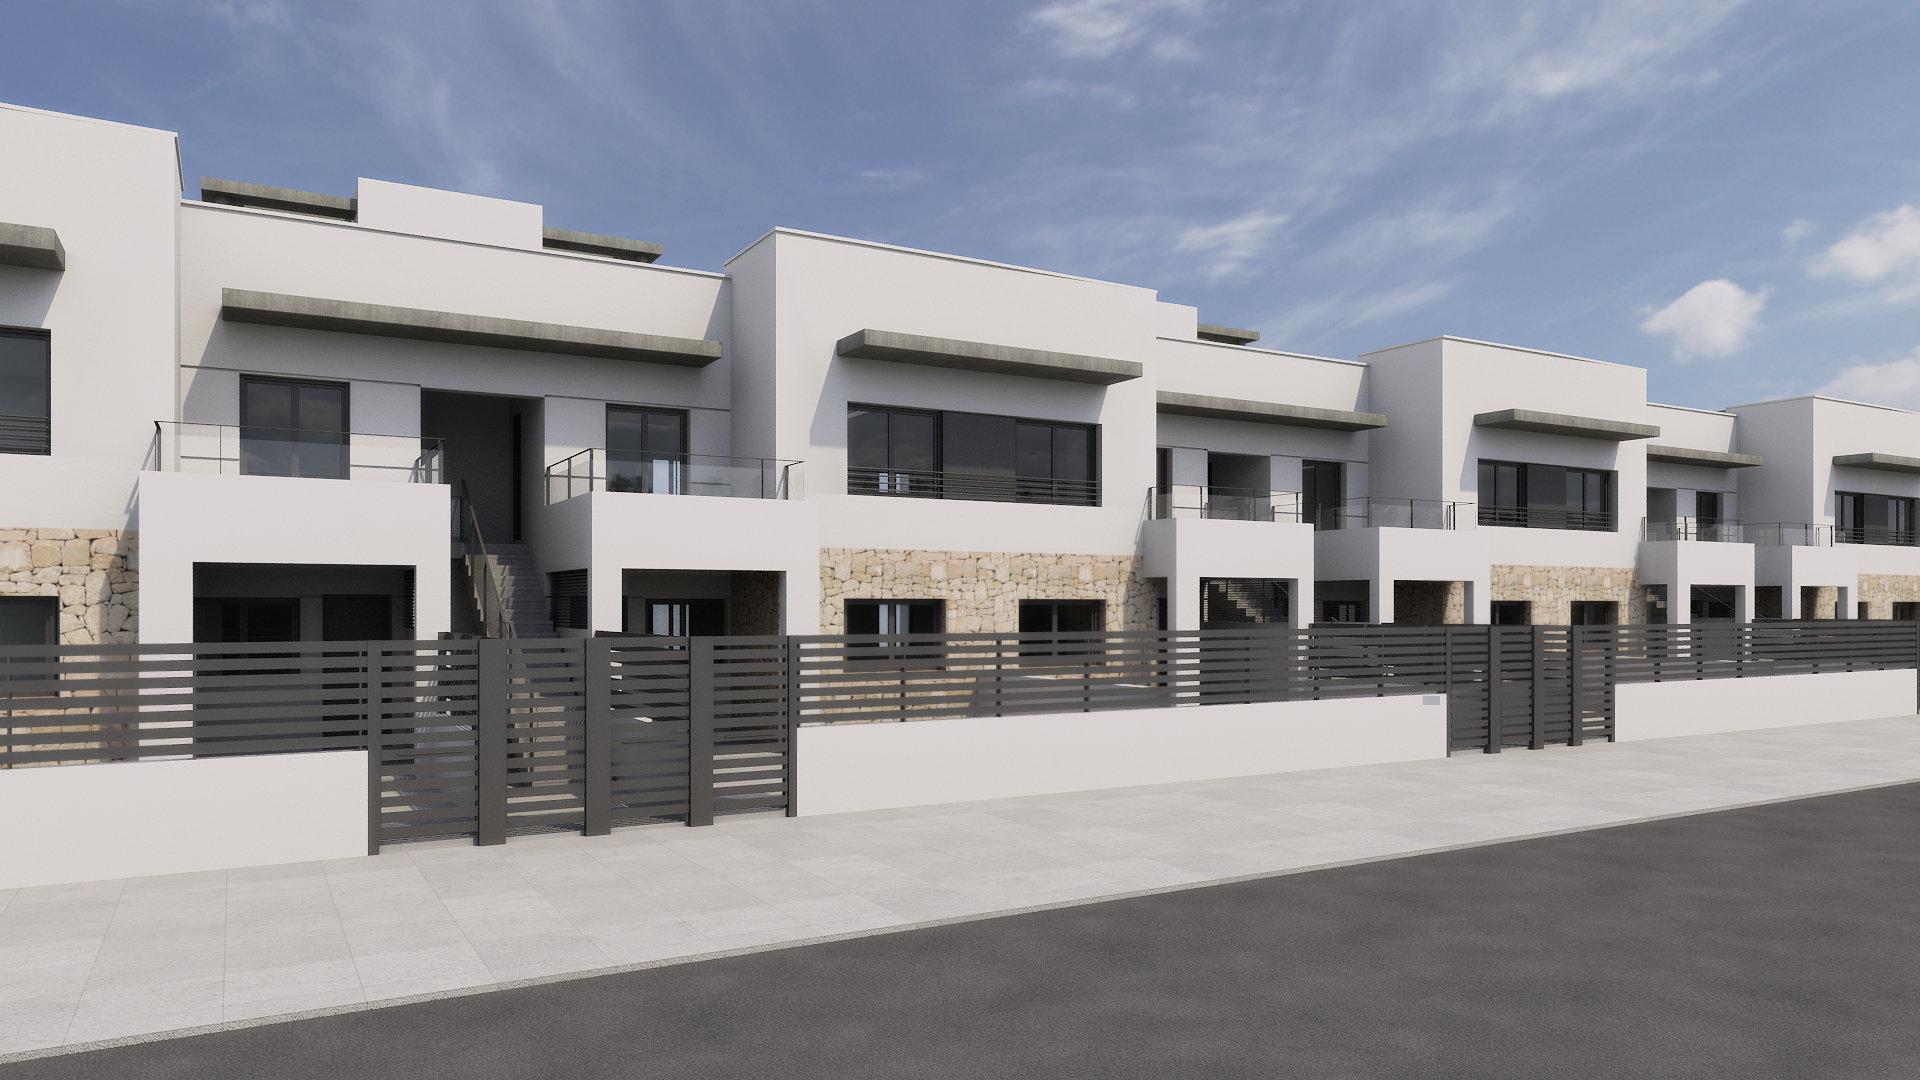 Spanien – Costa Blanca Torrevieja – Neue Wohnungen im modernen Stil ...